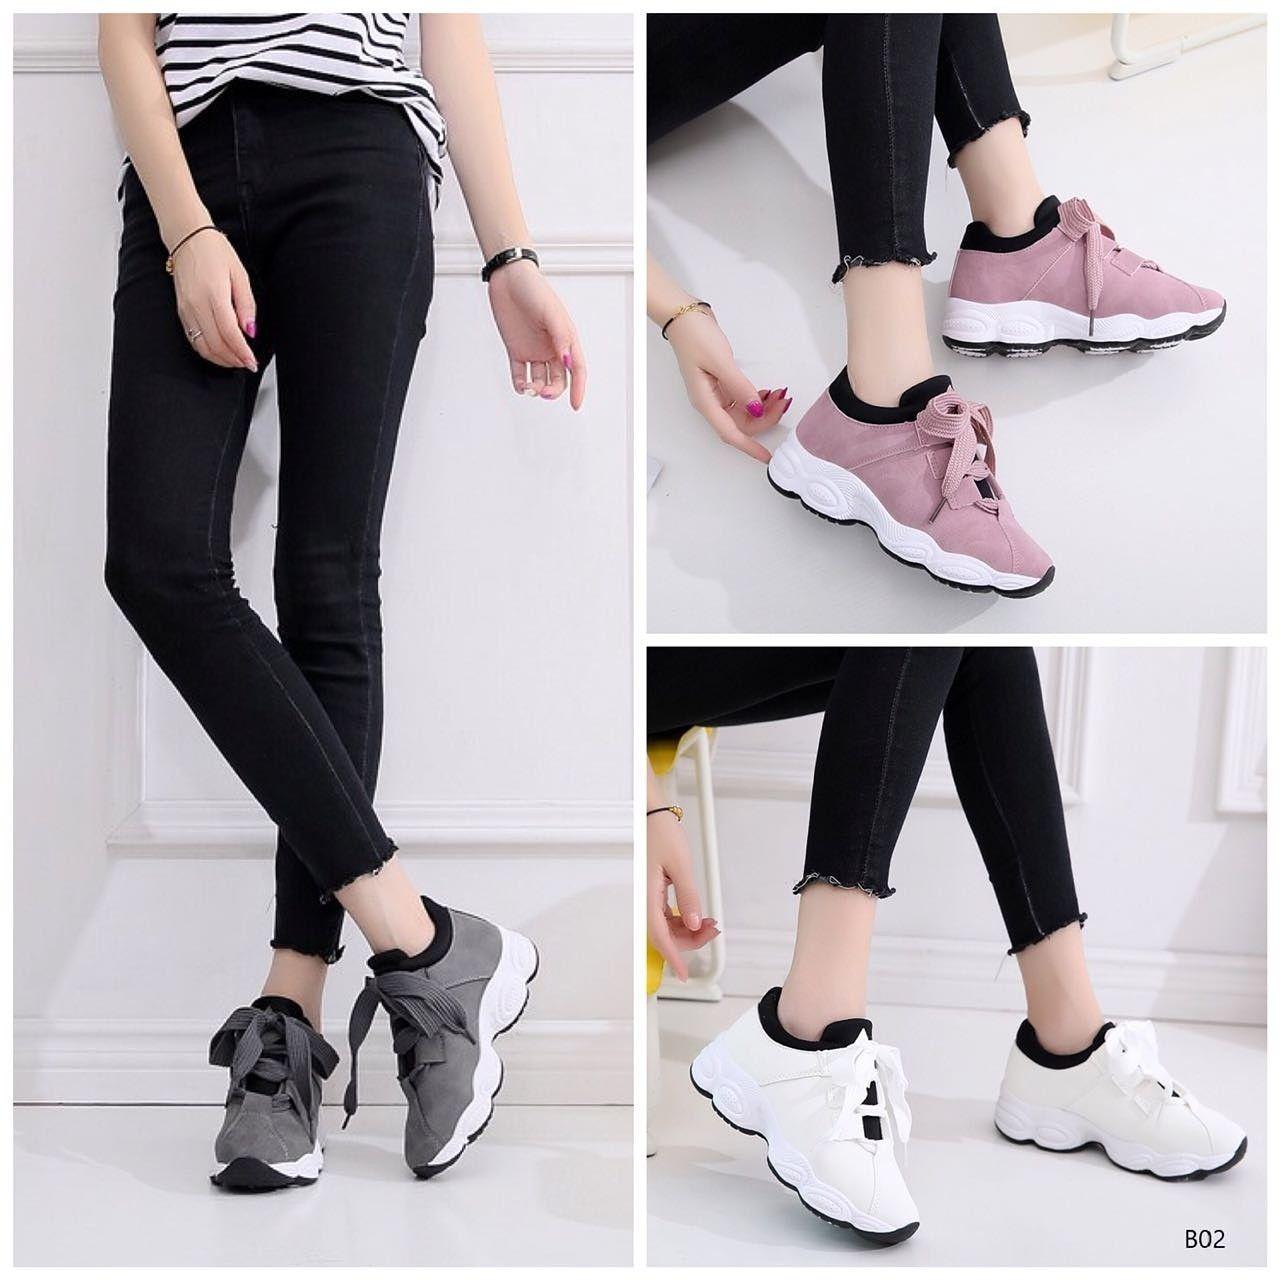 Korea Fashion Sneakers Elena B02 Bahan Kulit Variasi Grey Pink